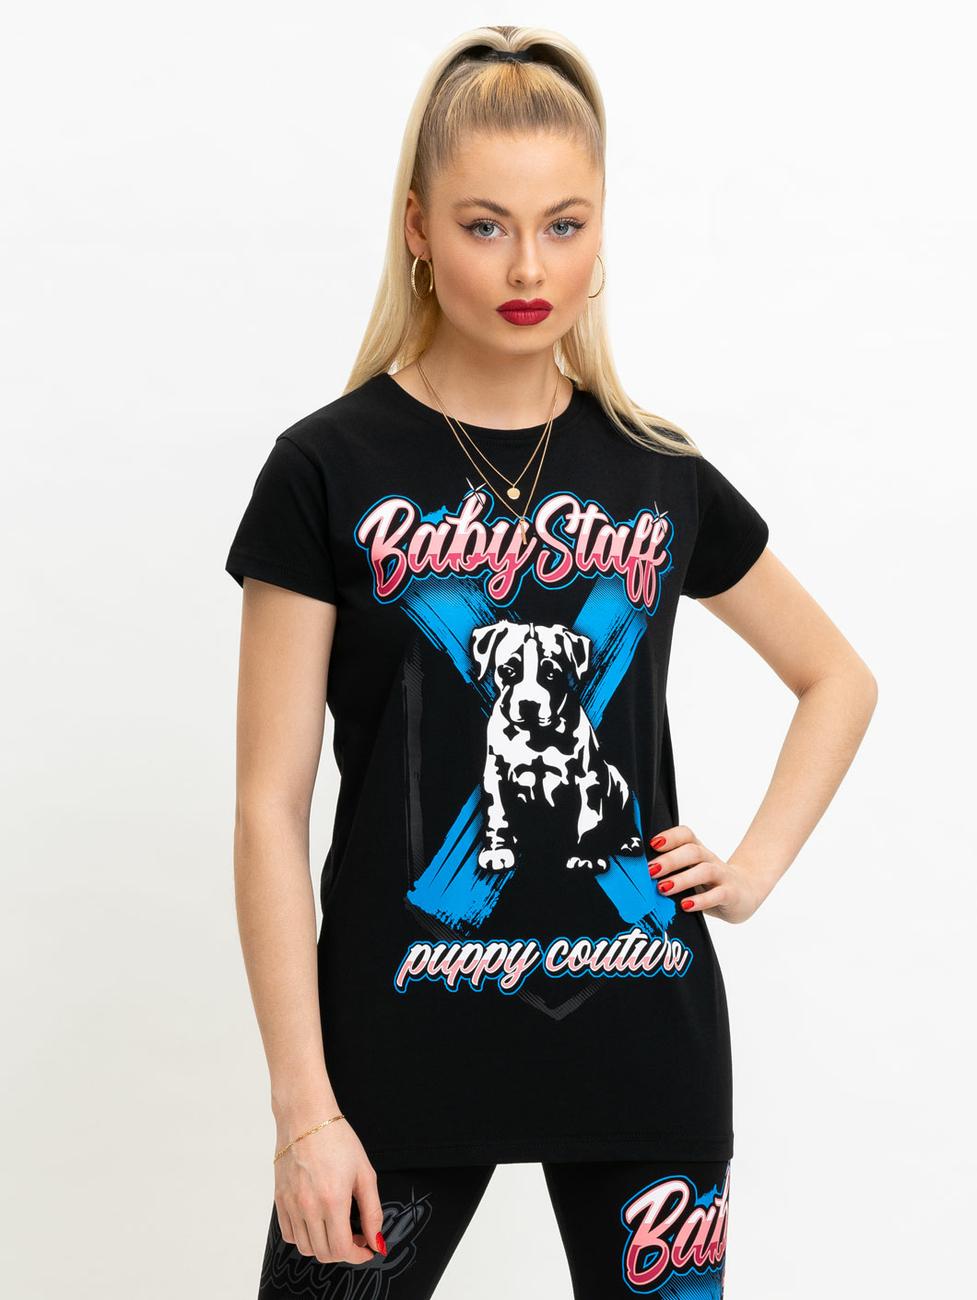 Babystaff Halka T-Shirt S